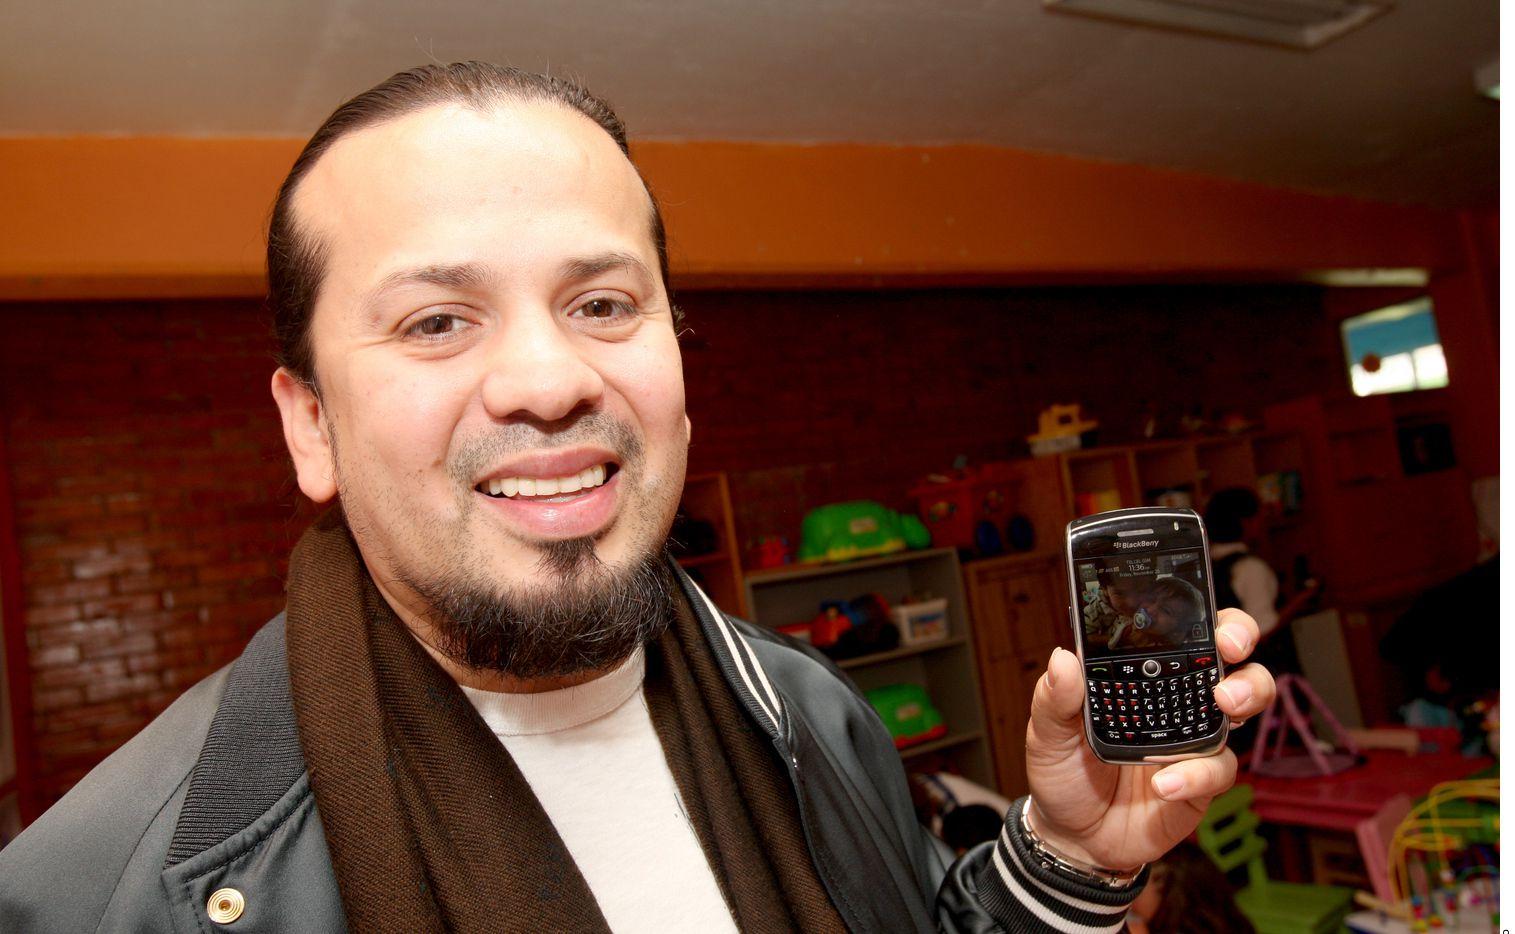 El tecladista y fundador del grupo, Cruz Martínez, aclaró que no le interesa entrar en polémica con nadie.